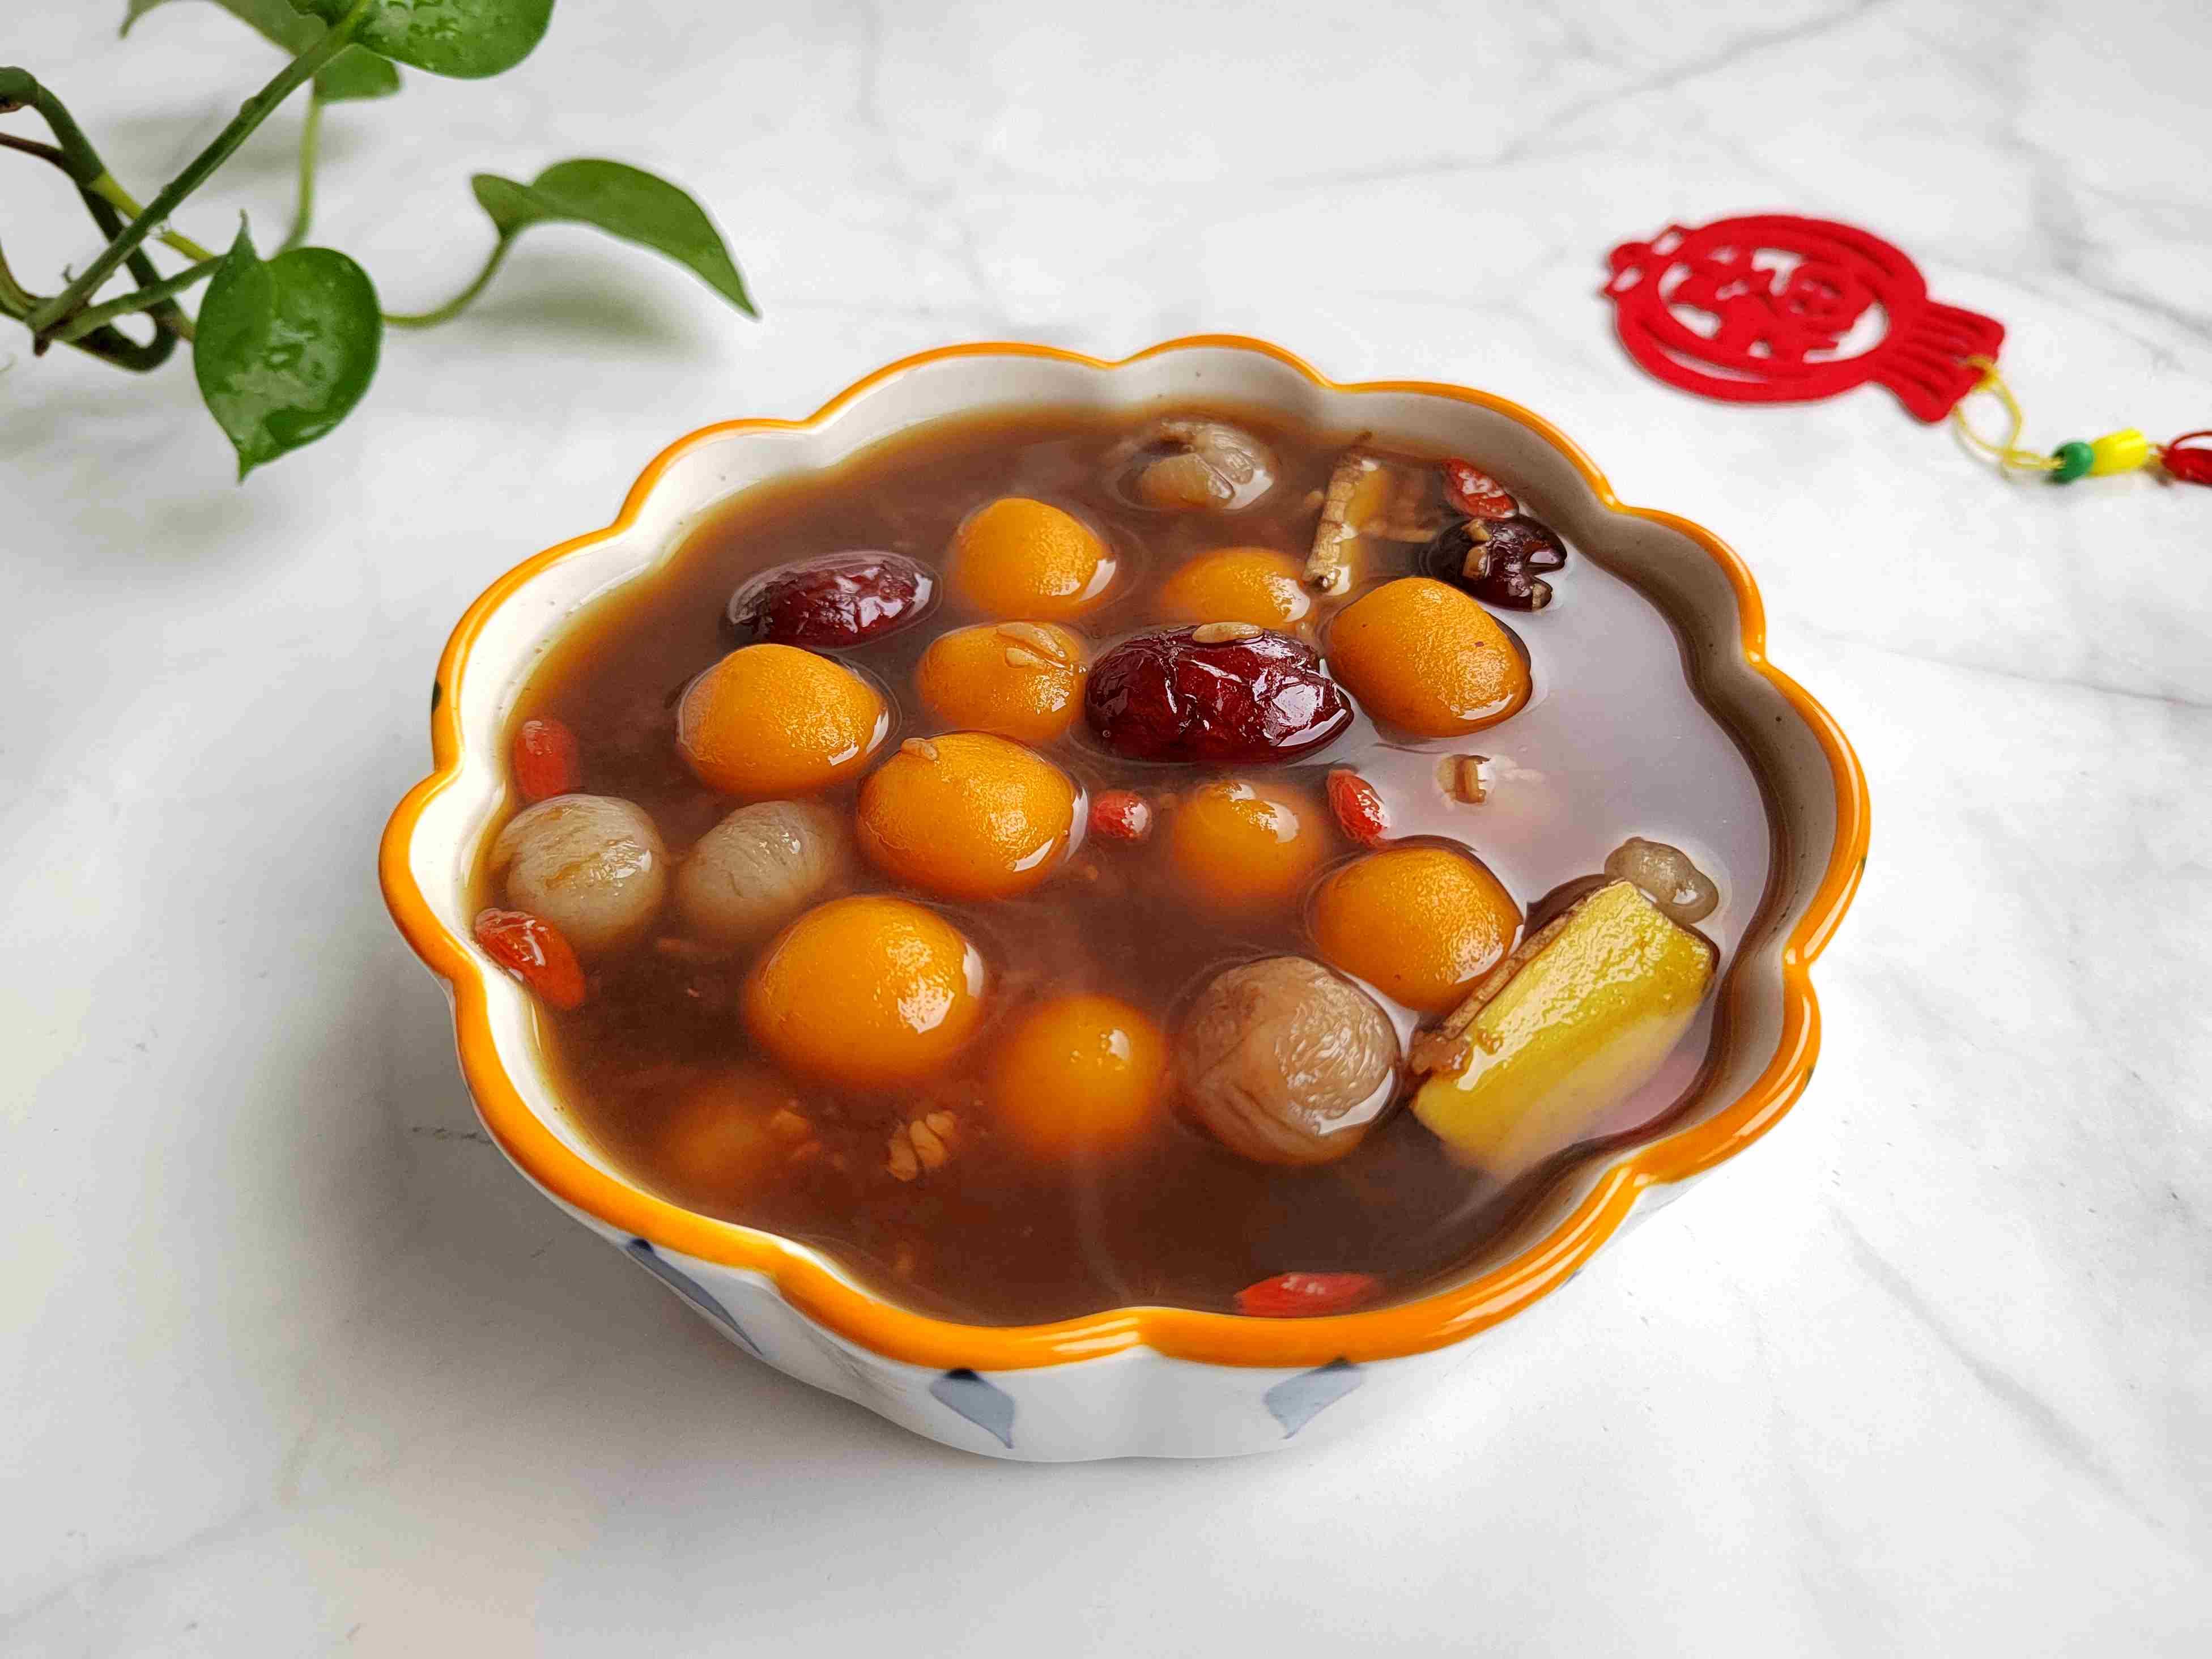 降温了,女人要对自己好一点,常喝这碗汤,改善体质,手脚不怕冷!#金猫榜#